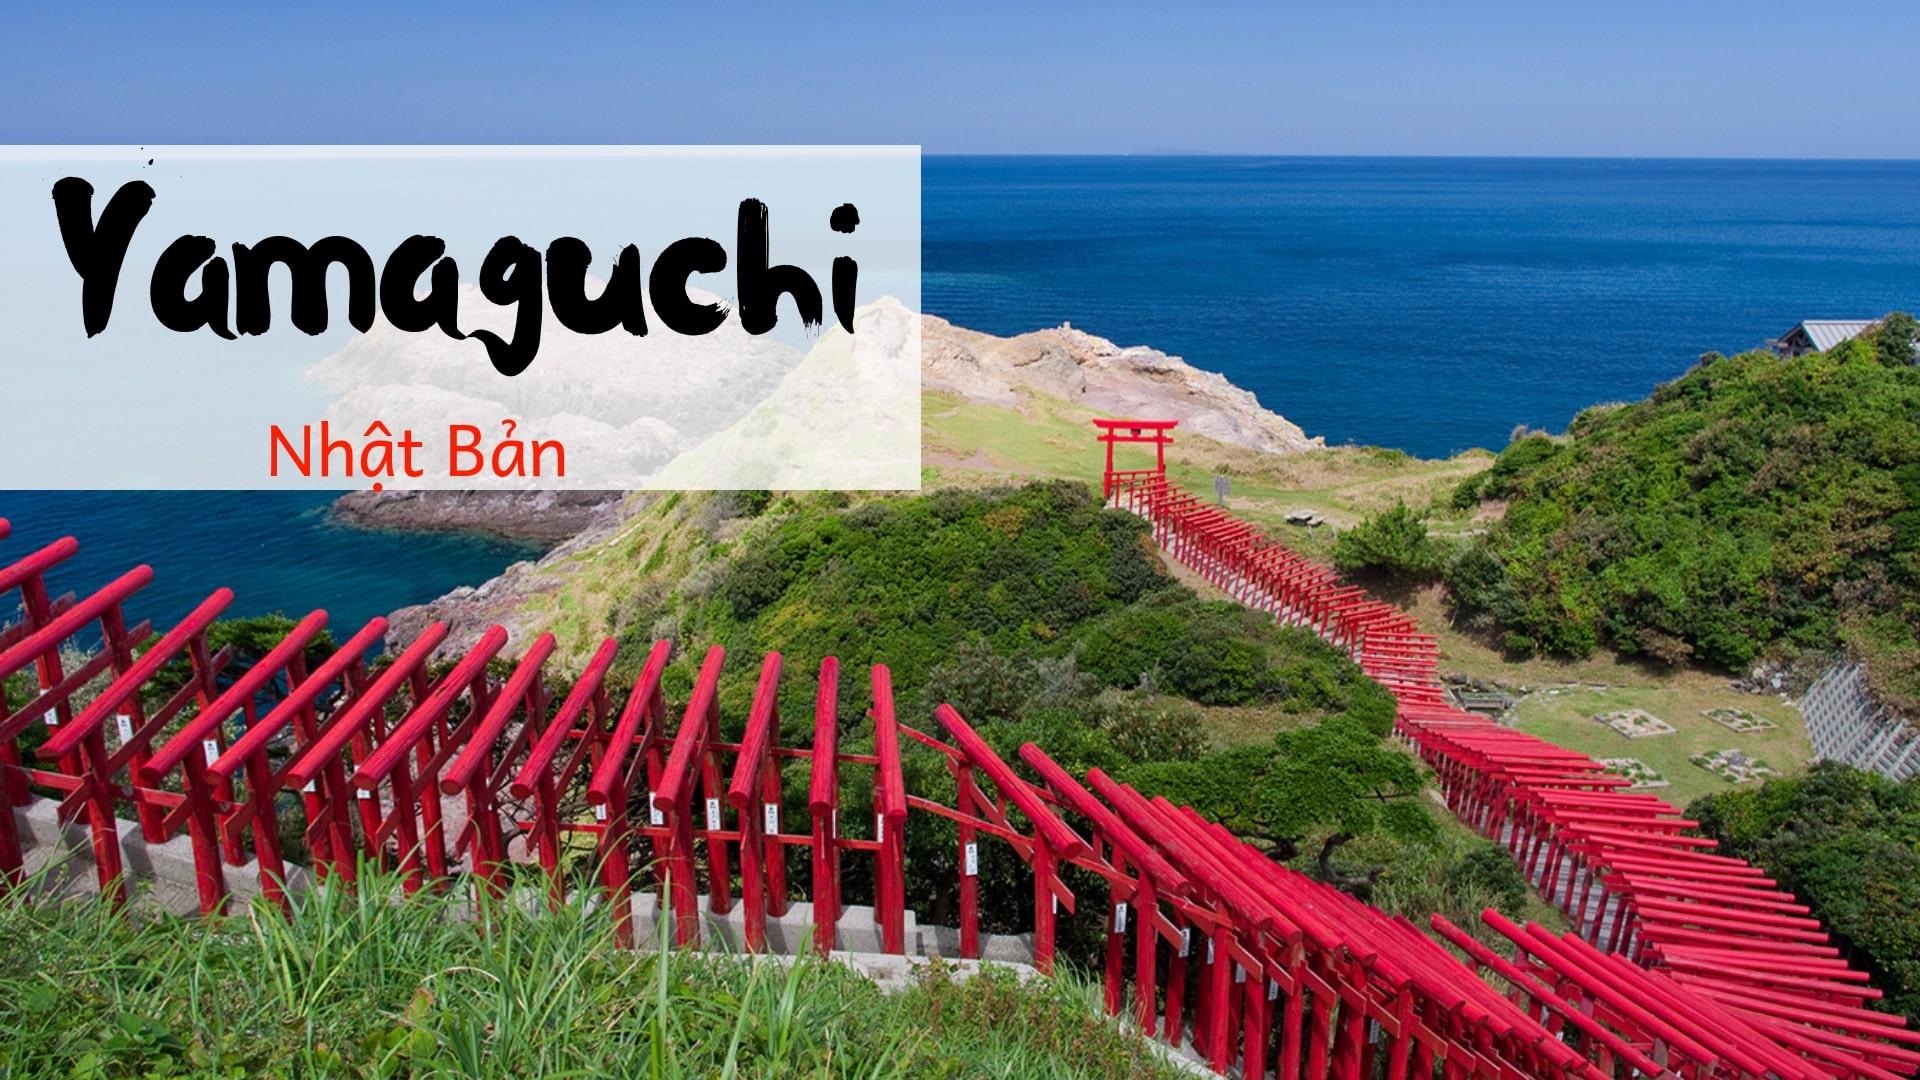 Yamaguchi – Điểm du lịch vô cùng hấp dẫn tại Nhật bản